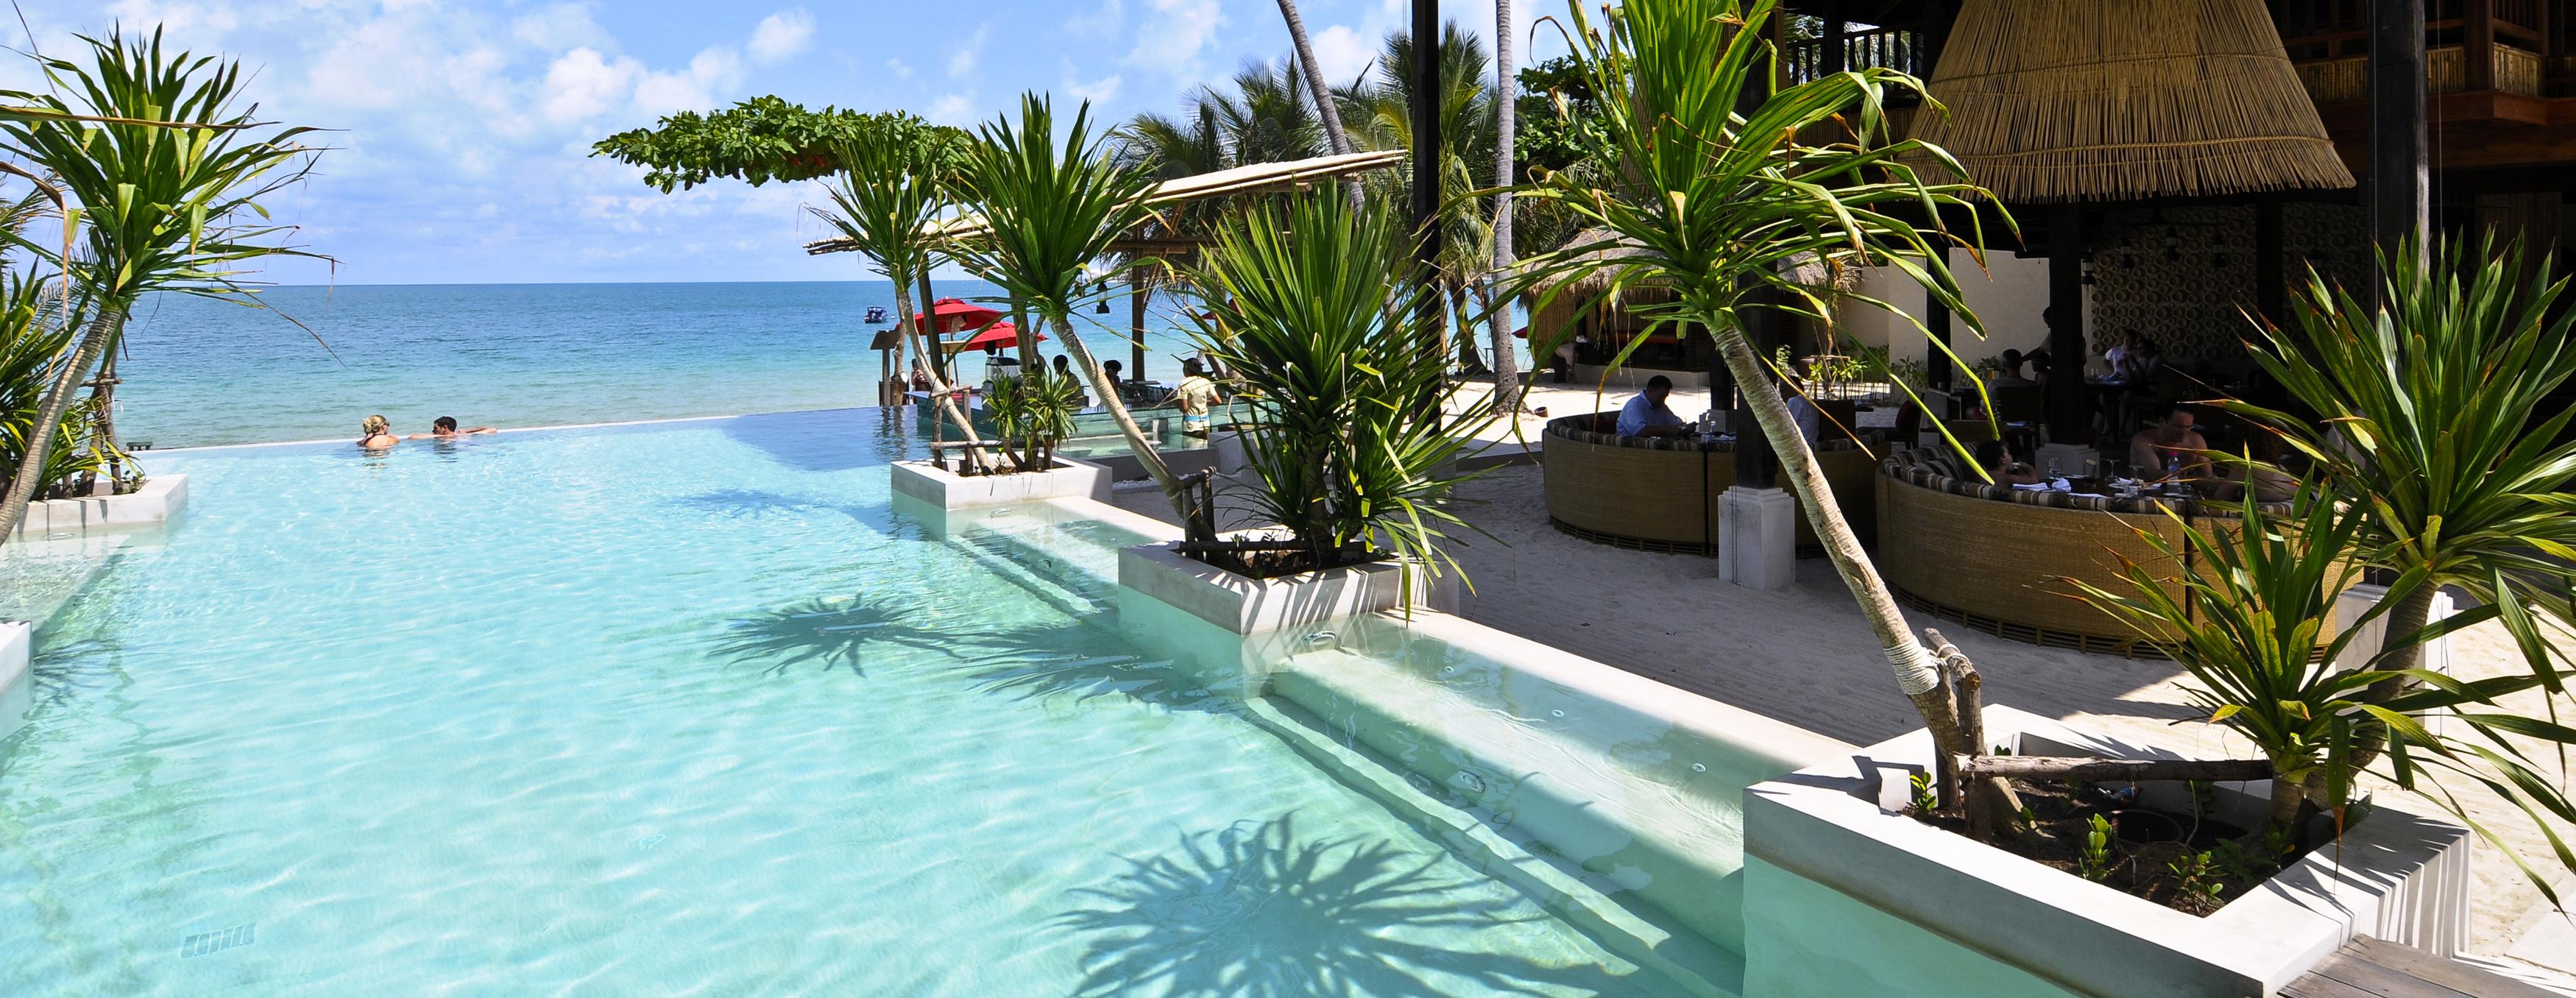 anantara-rasananda-pool